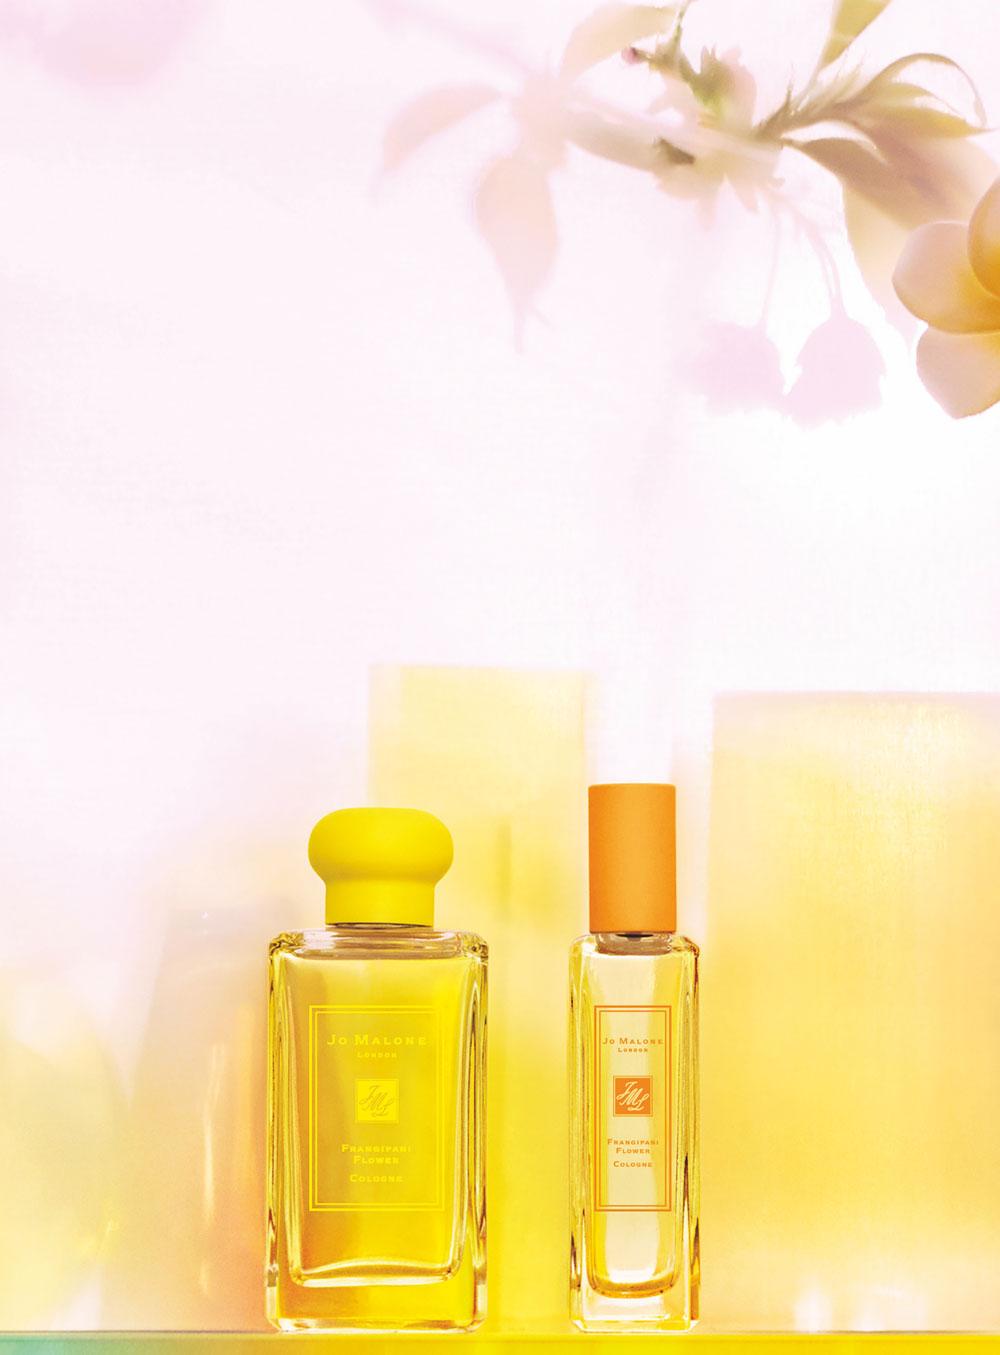 Jo Malone London erweitert die Blossom-Linie um das - limitierte! - Cologne Frangipani Flower.